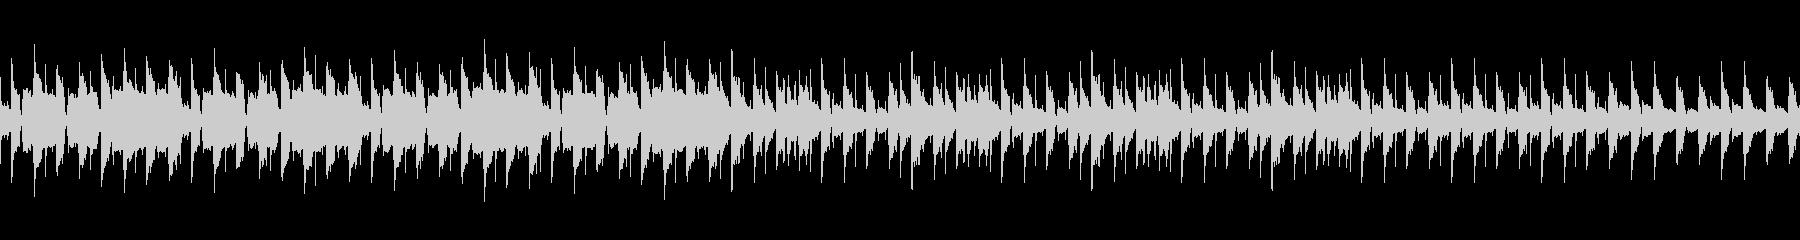 ピアノ、フルート、マリンバのループ曲の未再生の波形